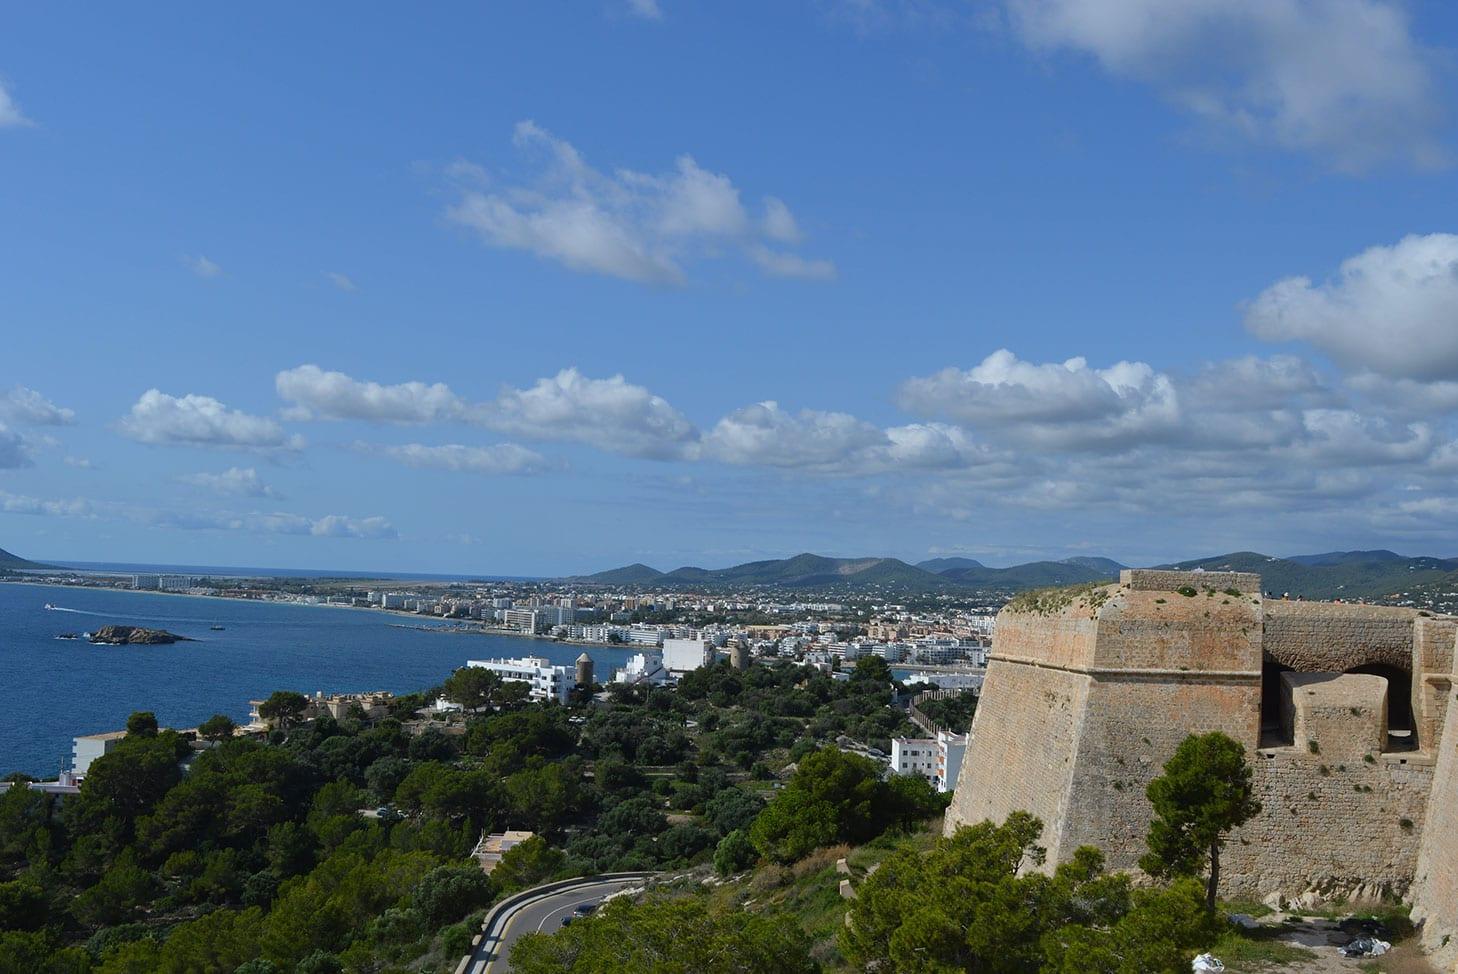 Vue panoramique de la partie plus urbaine d'Ibiza